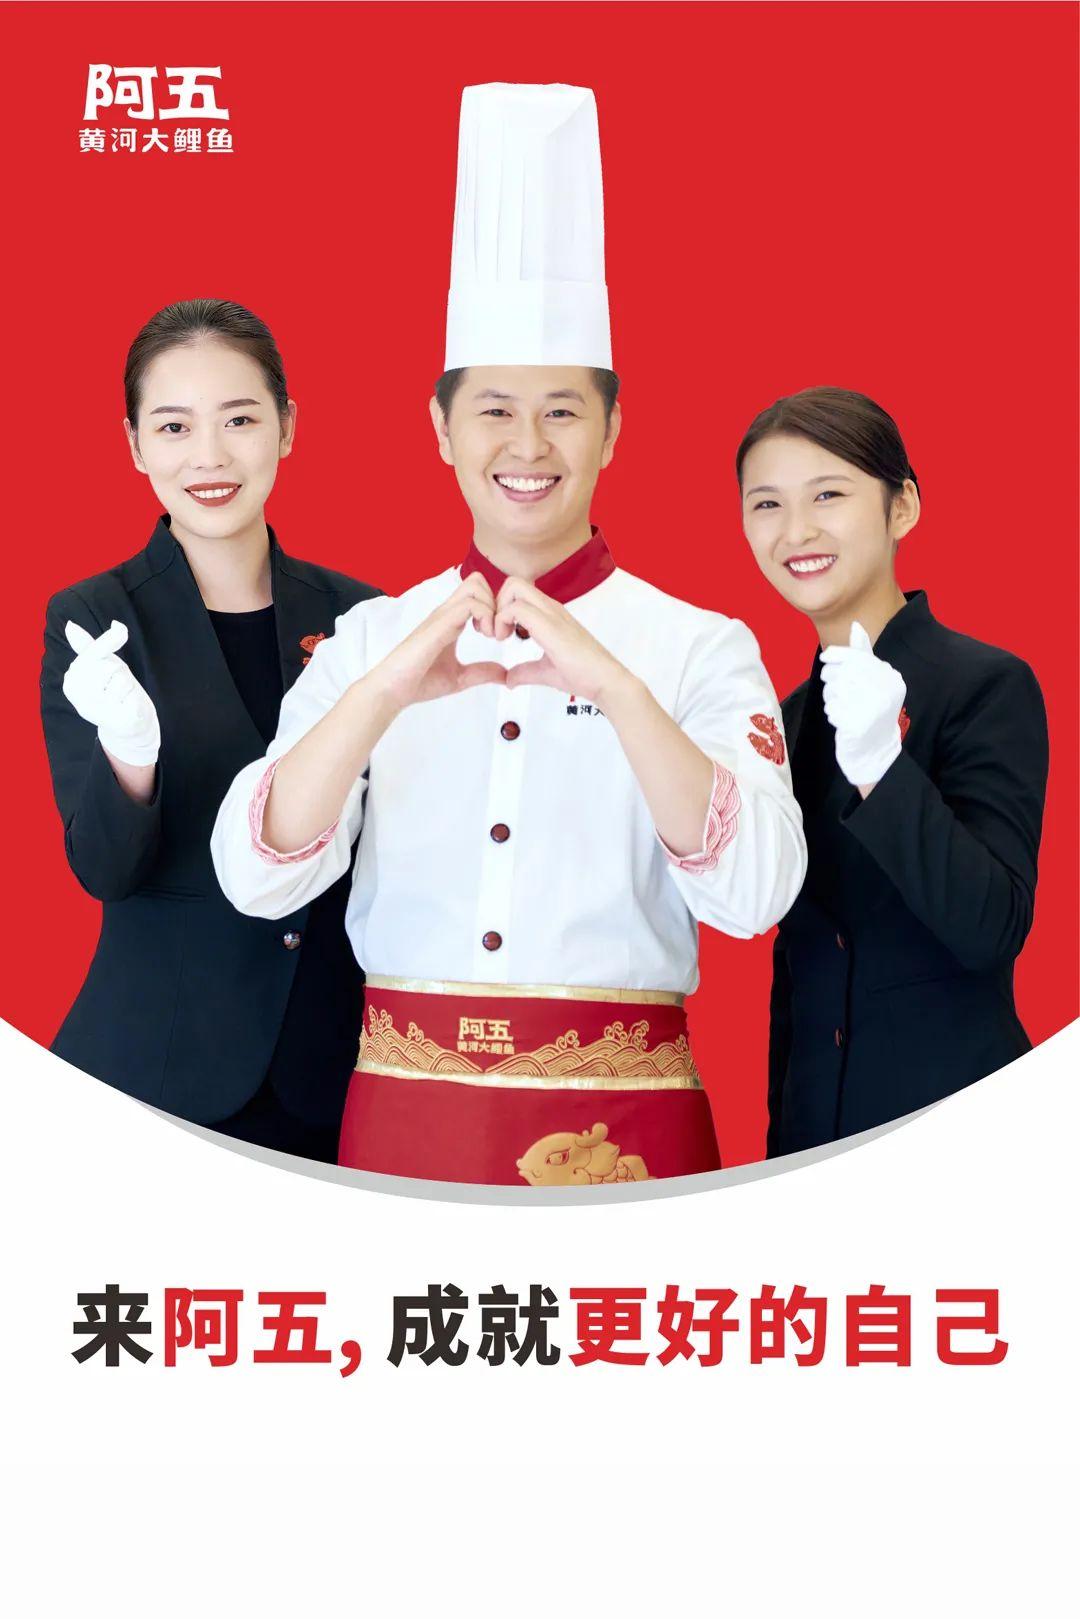 【郑州餐饮招聘】来阿五黄河大鲤鱼,成就更好的自己